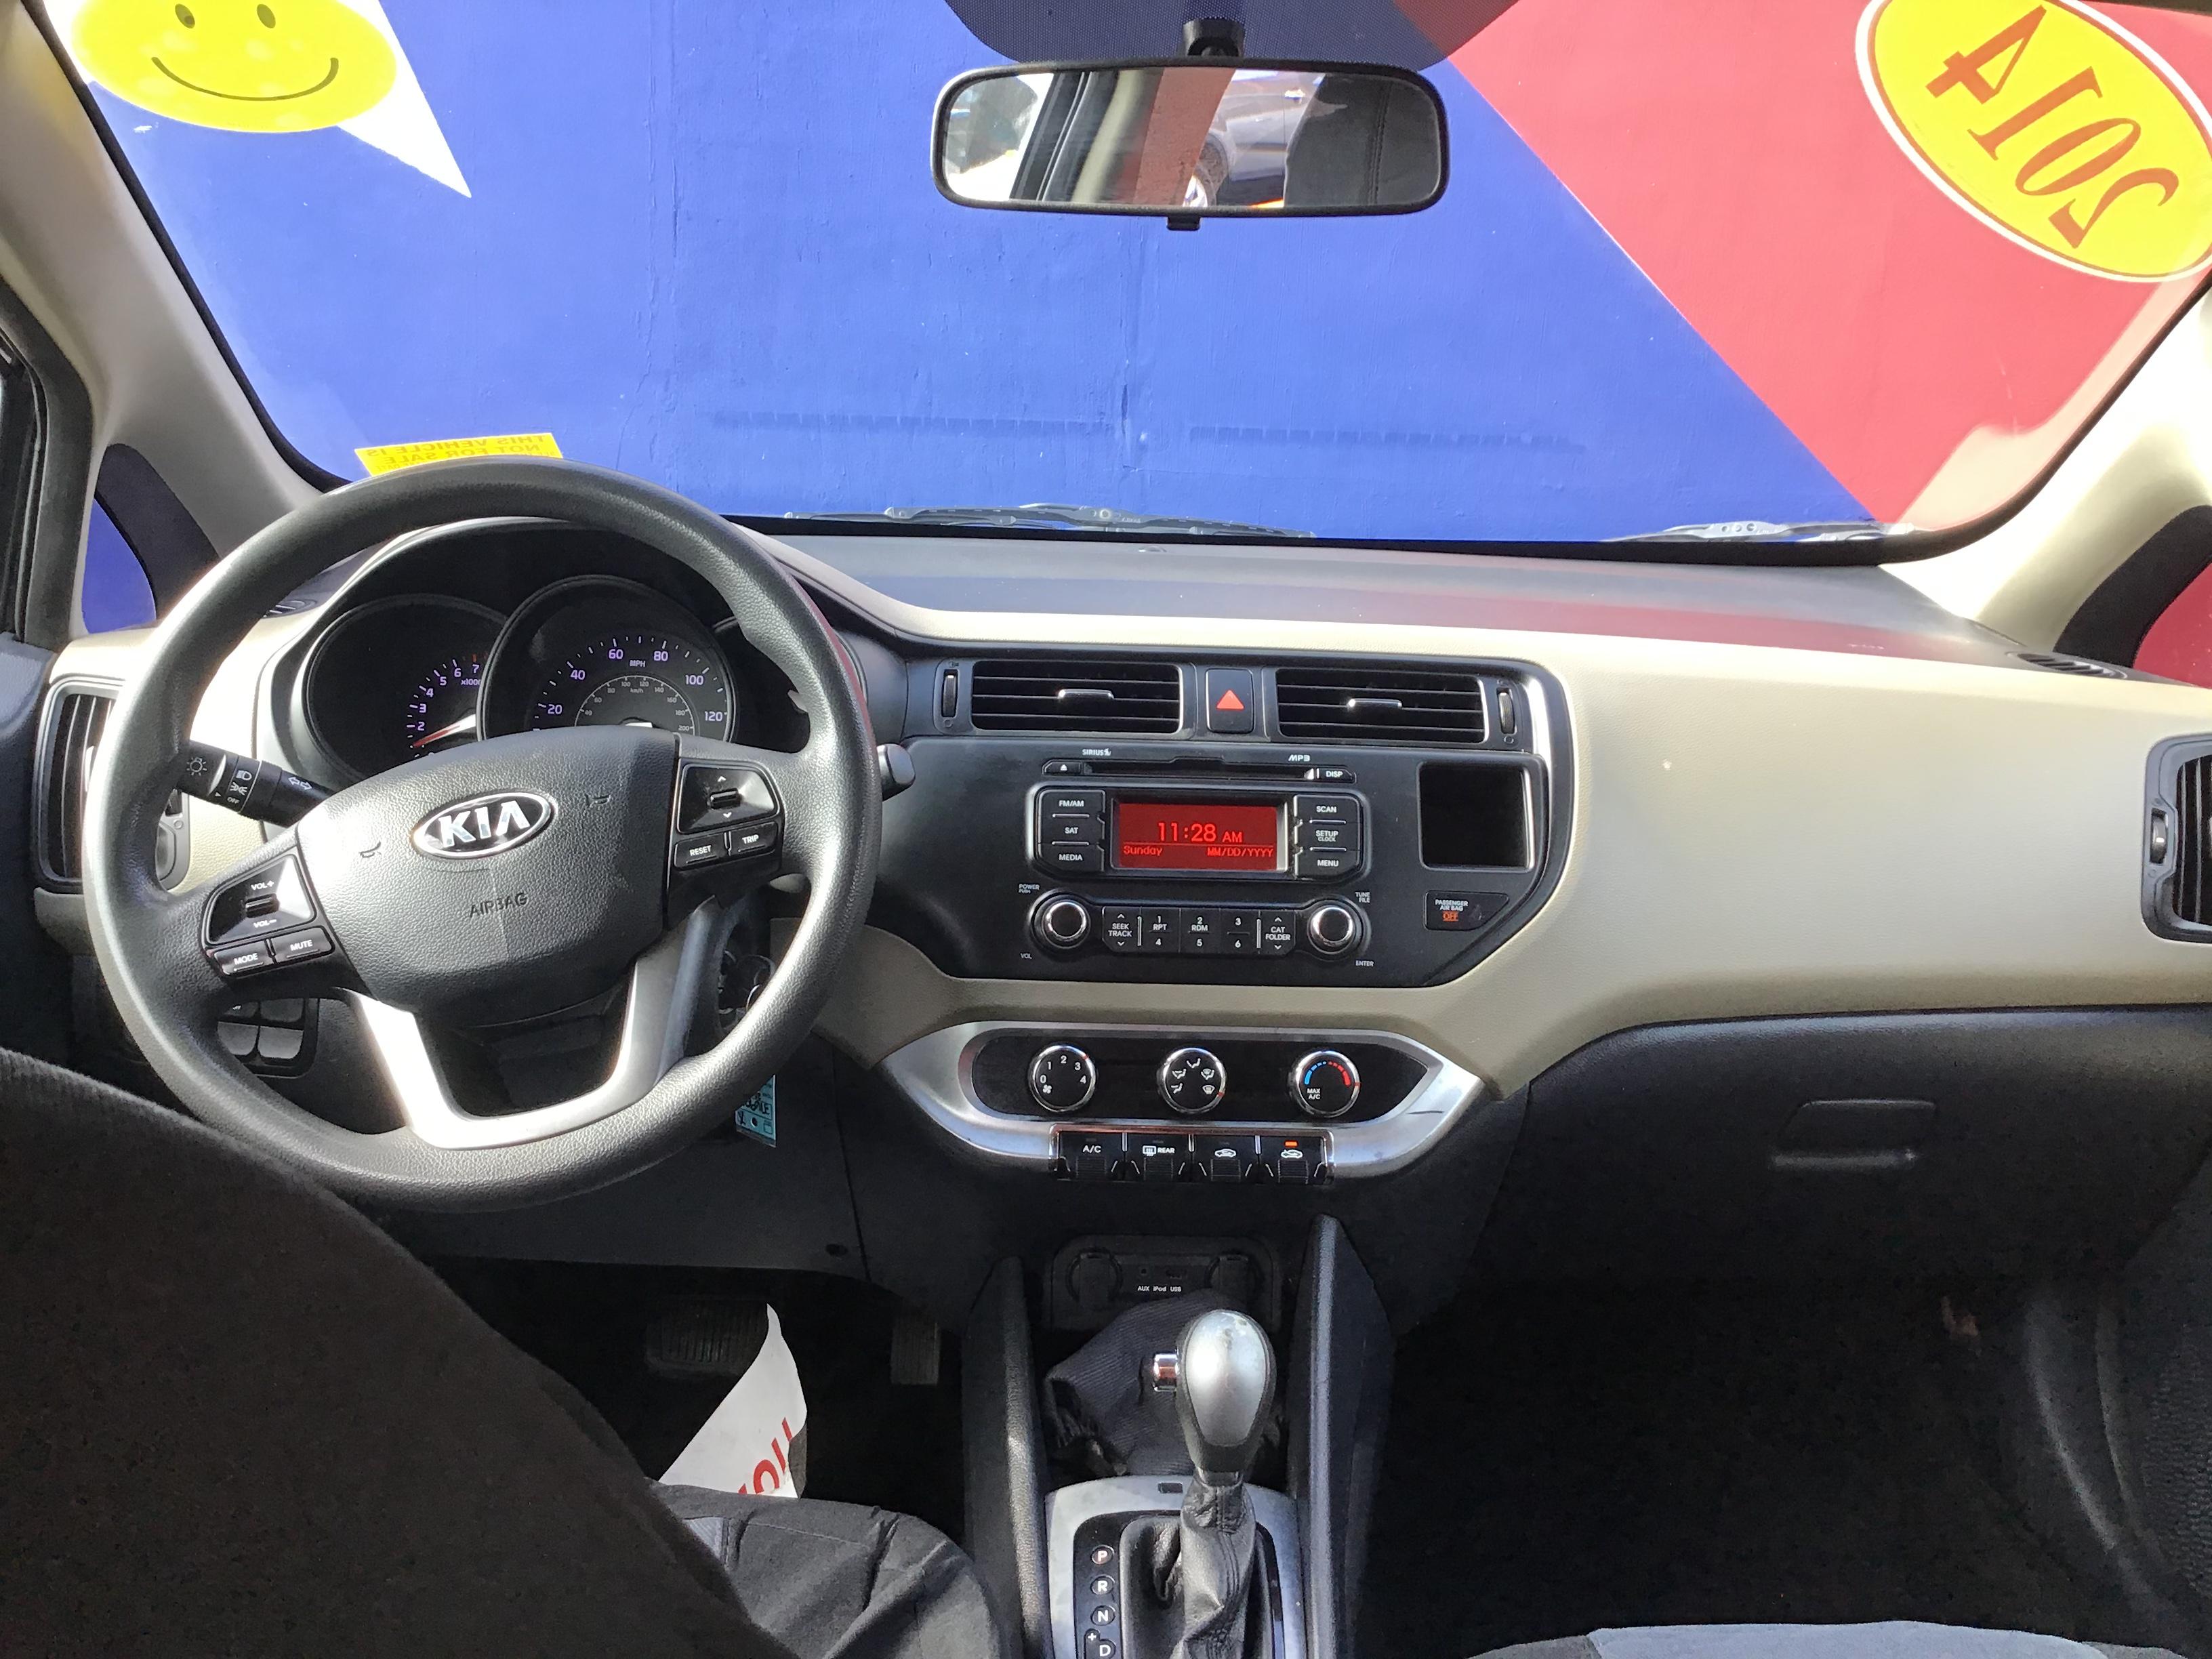 used vehicle - 4 DOOR SEDAN KIA RIO 2014